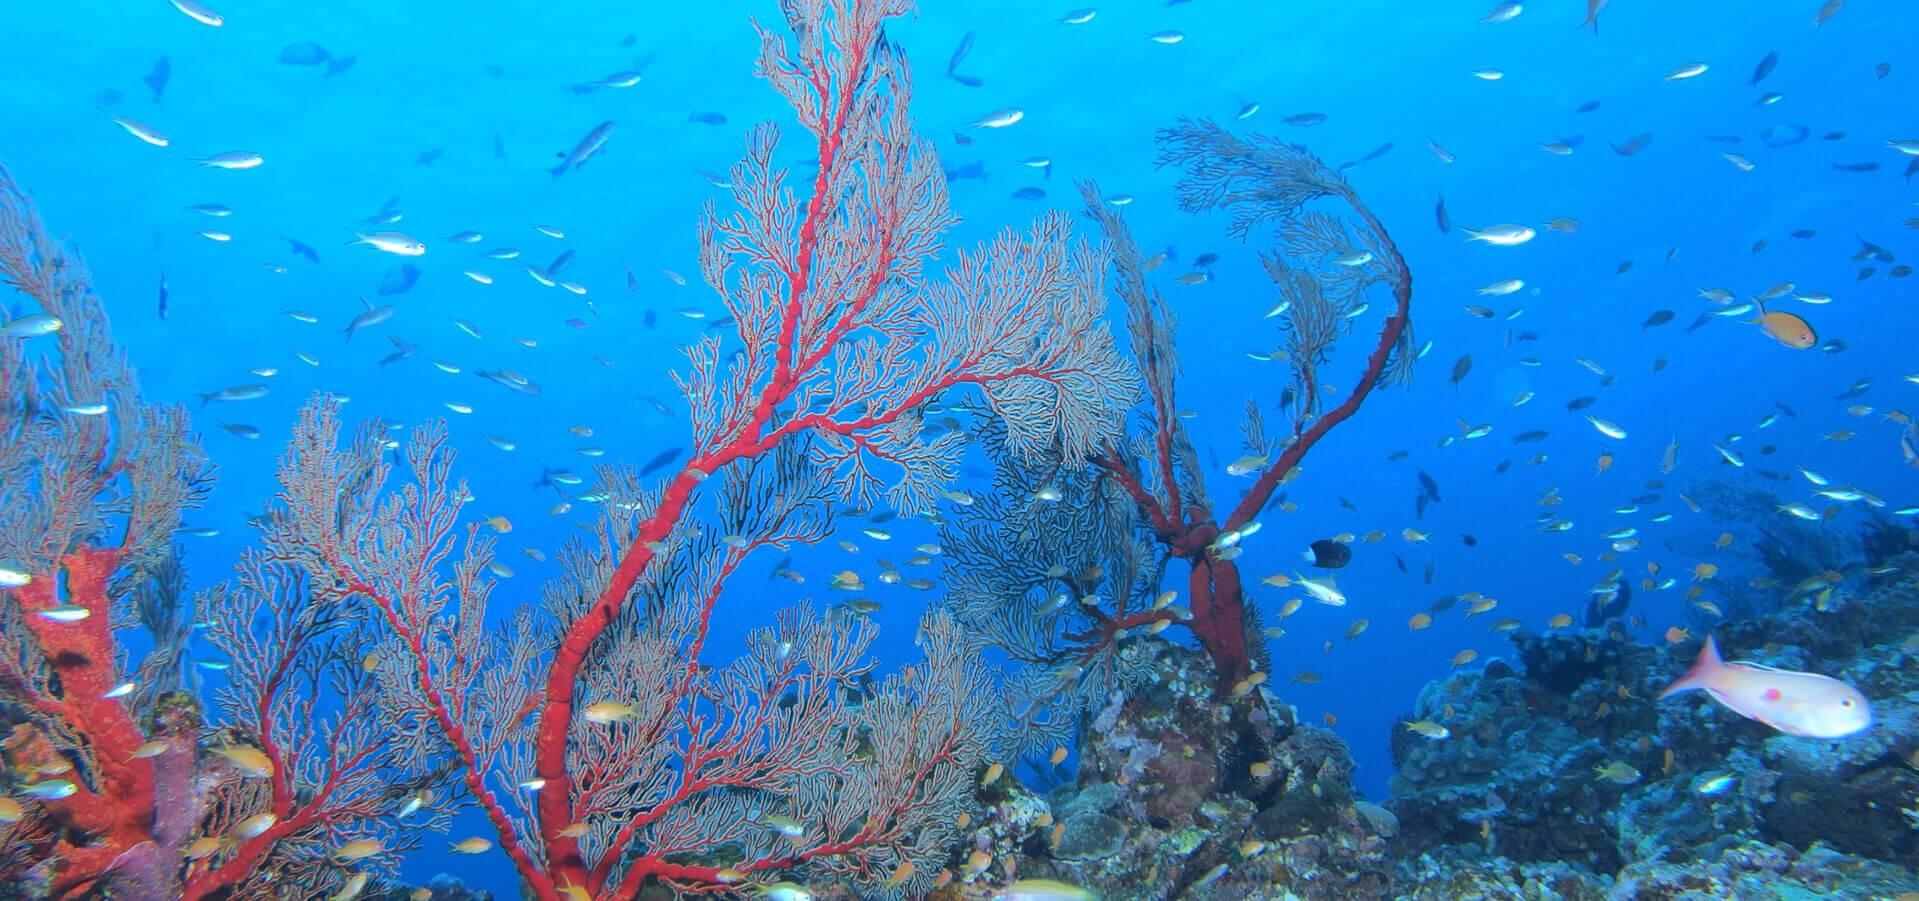 ダイビングスポットの慶良間諸島の海